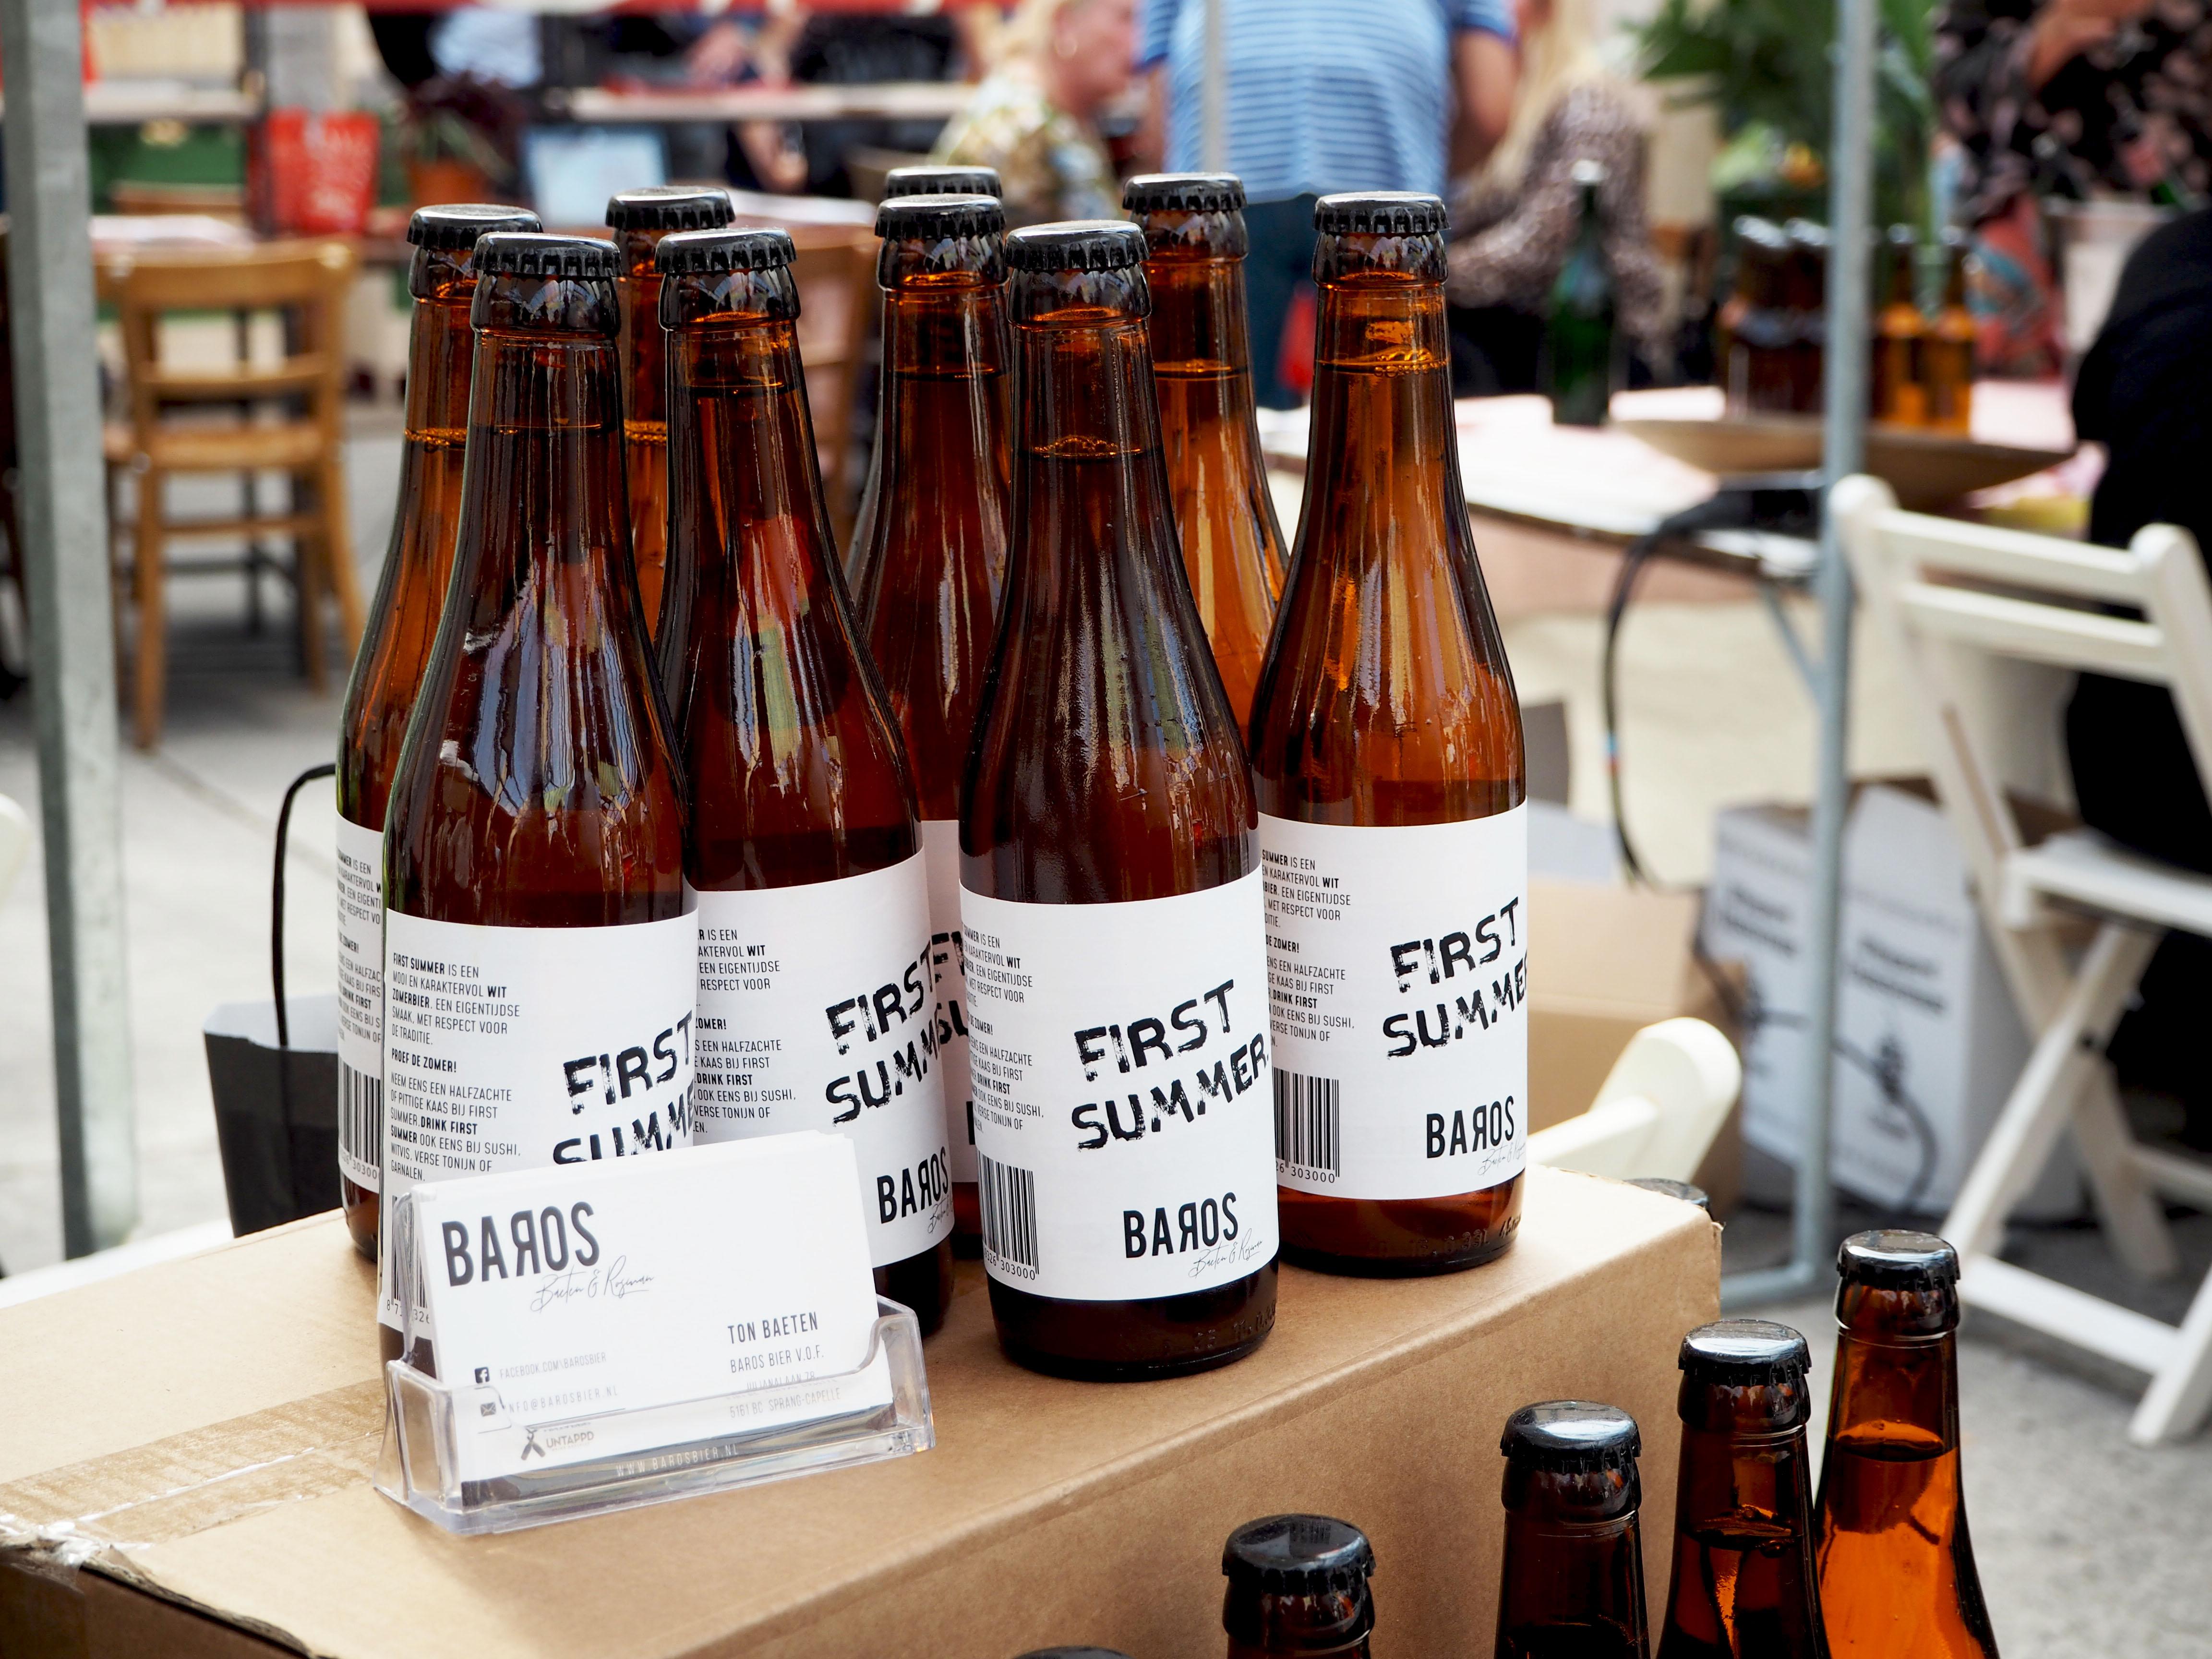 Baros bier en biersiroop